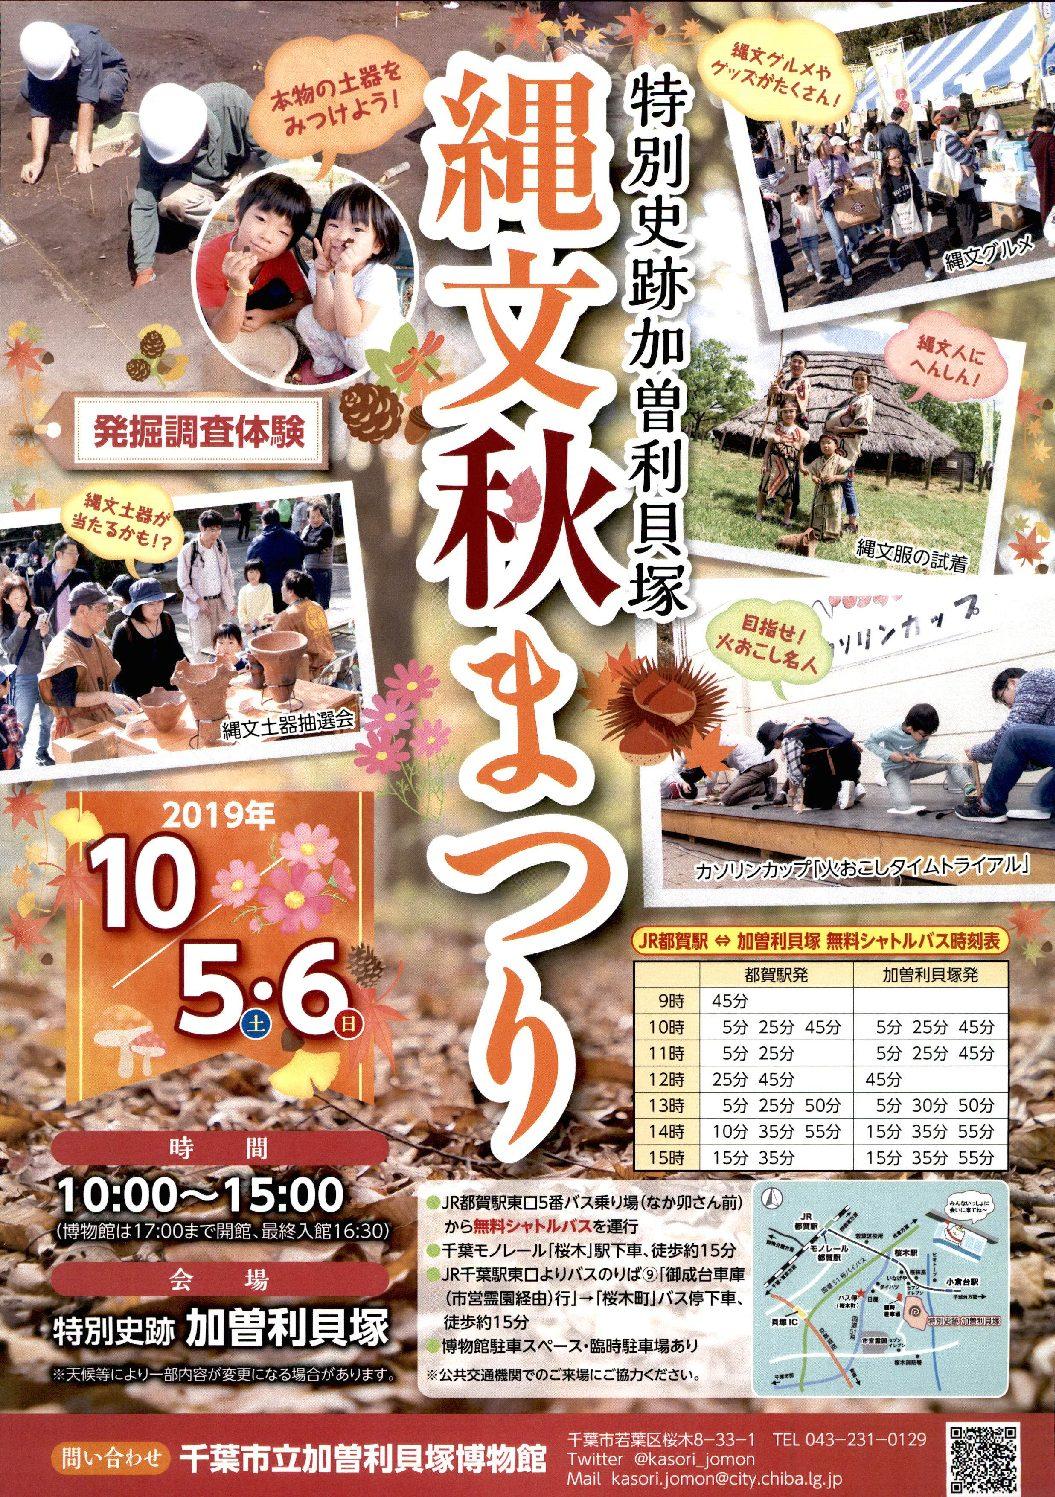 特別史跡加曽利貝塚の秋の祭典「縄文秋まつり」を開催します!